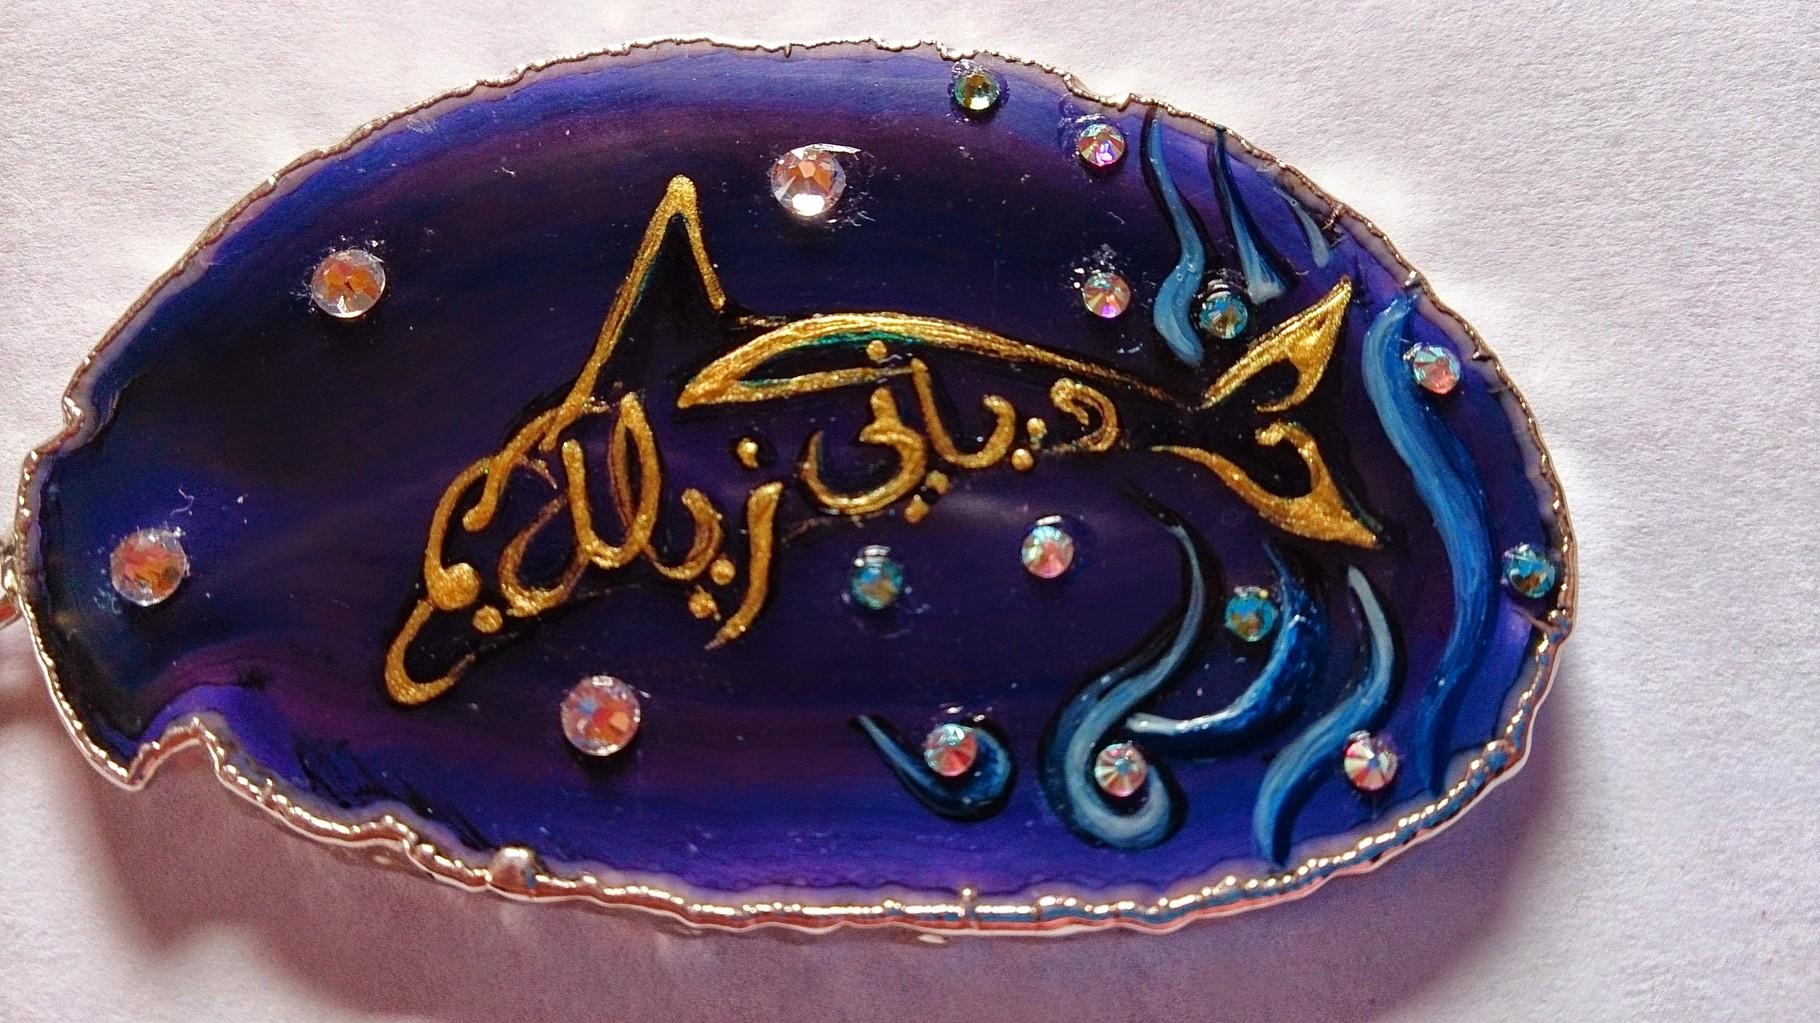 ~ Bild: Delfin-Anhänger mit arabischer Kalligrafie, Namenszug 'Silke Nur Adiani', weisser Hintergrund ~